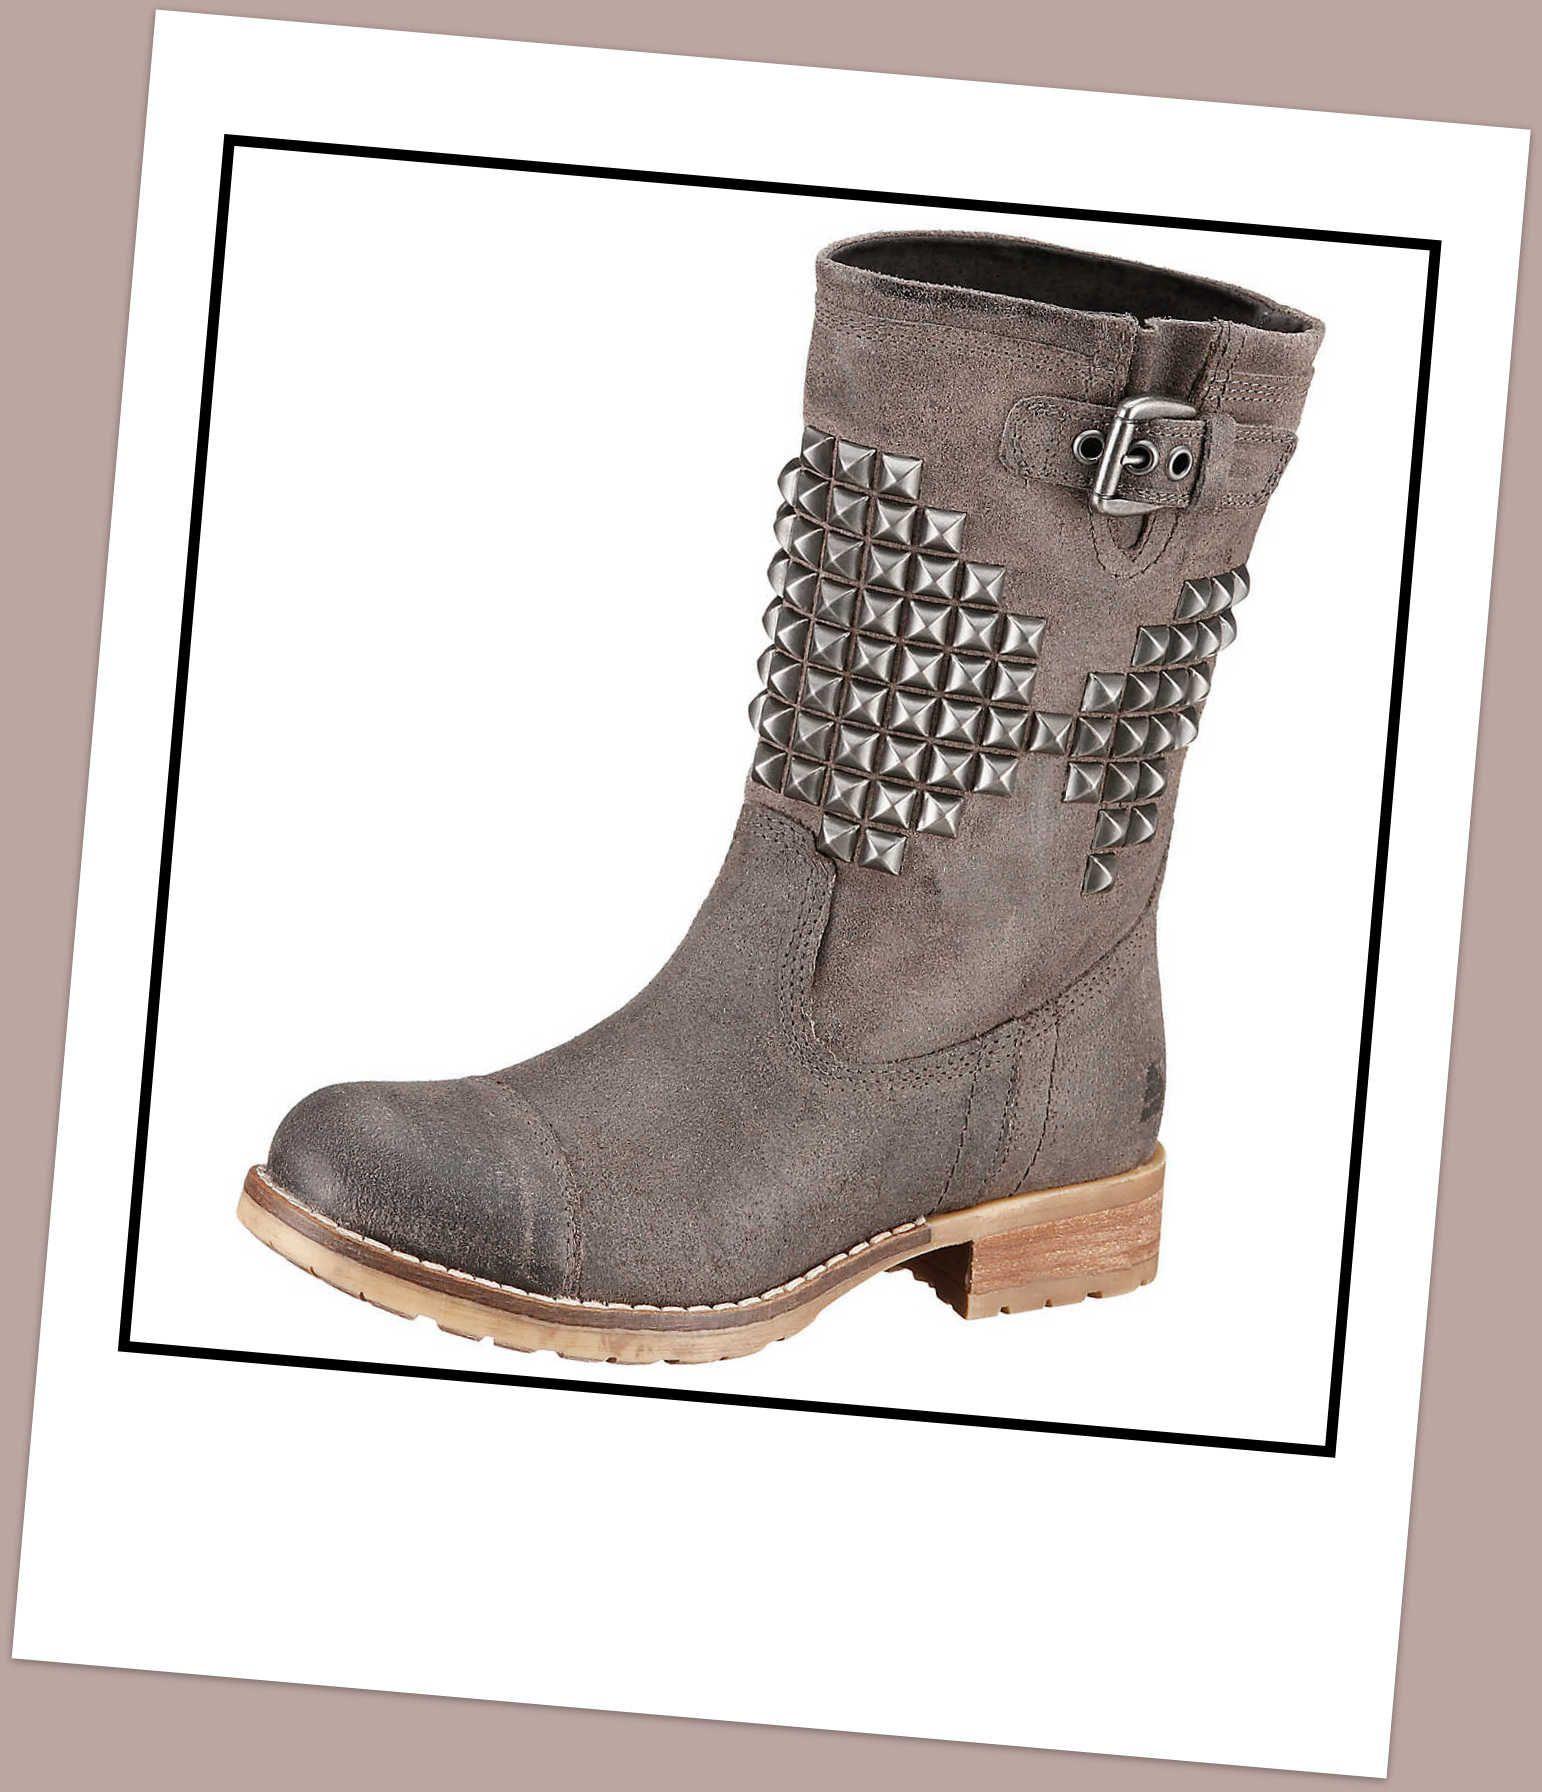 Bullboxer Stiefel | Bullboxer stiefel, Damenschuhe und Schuhe